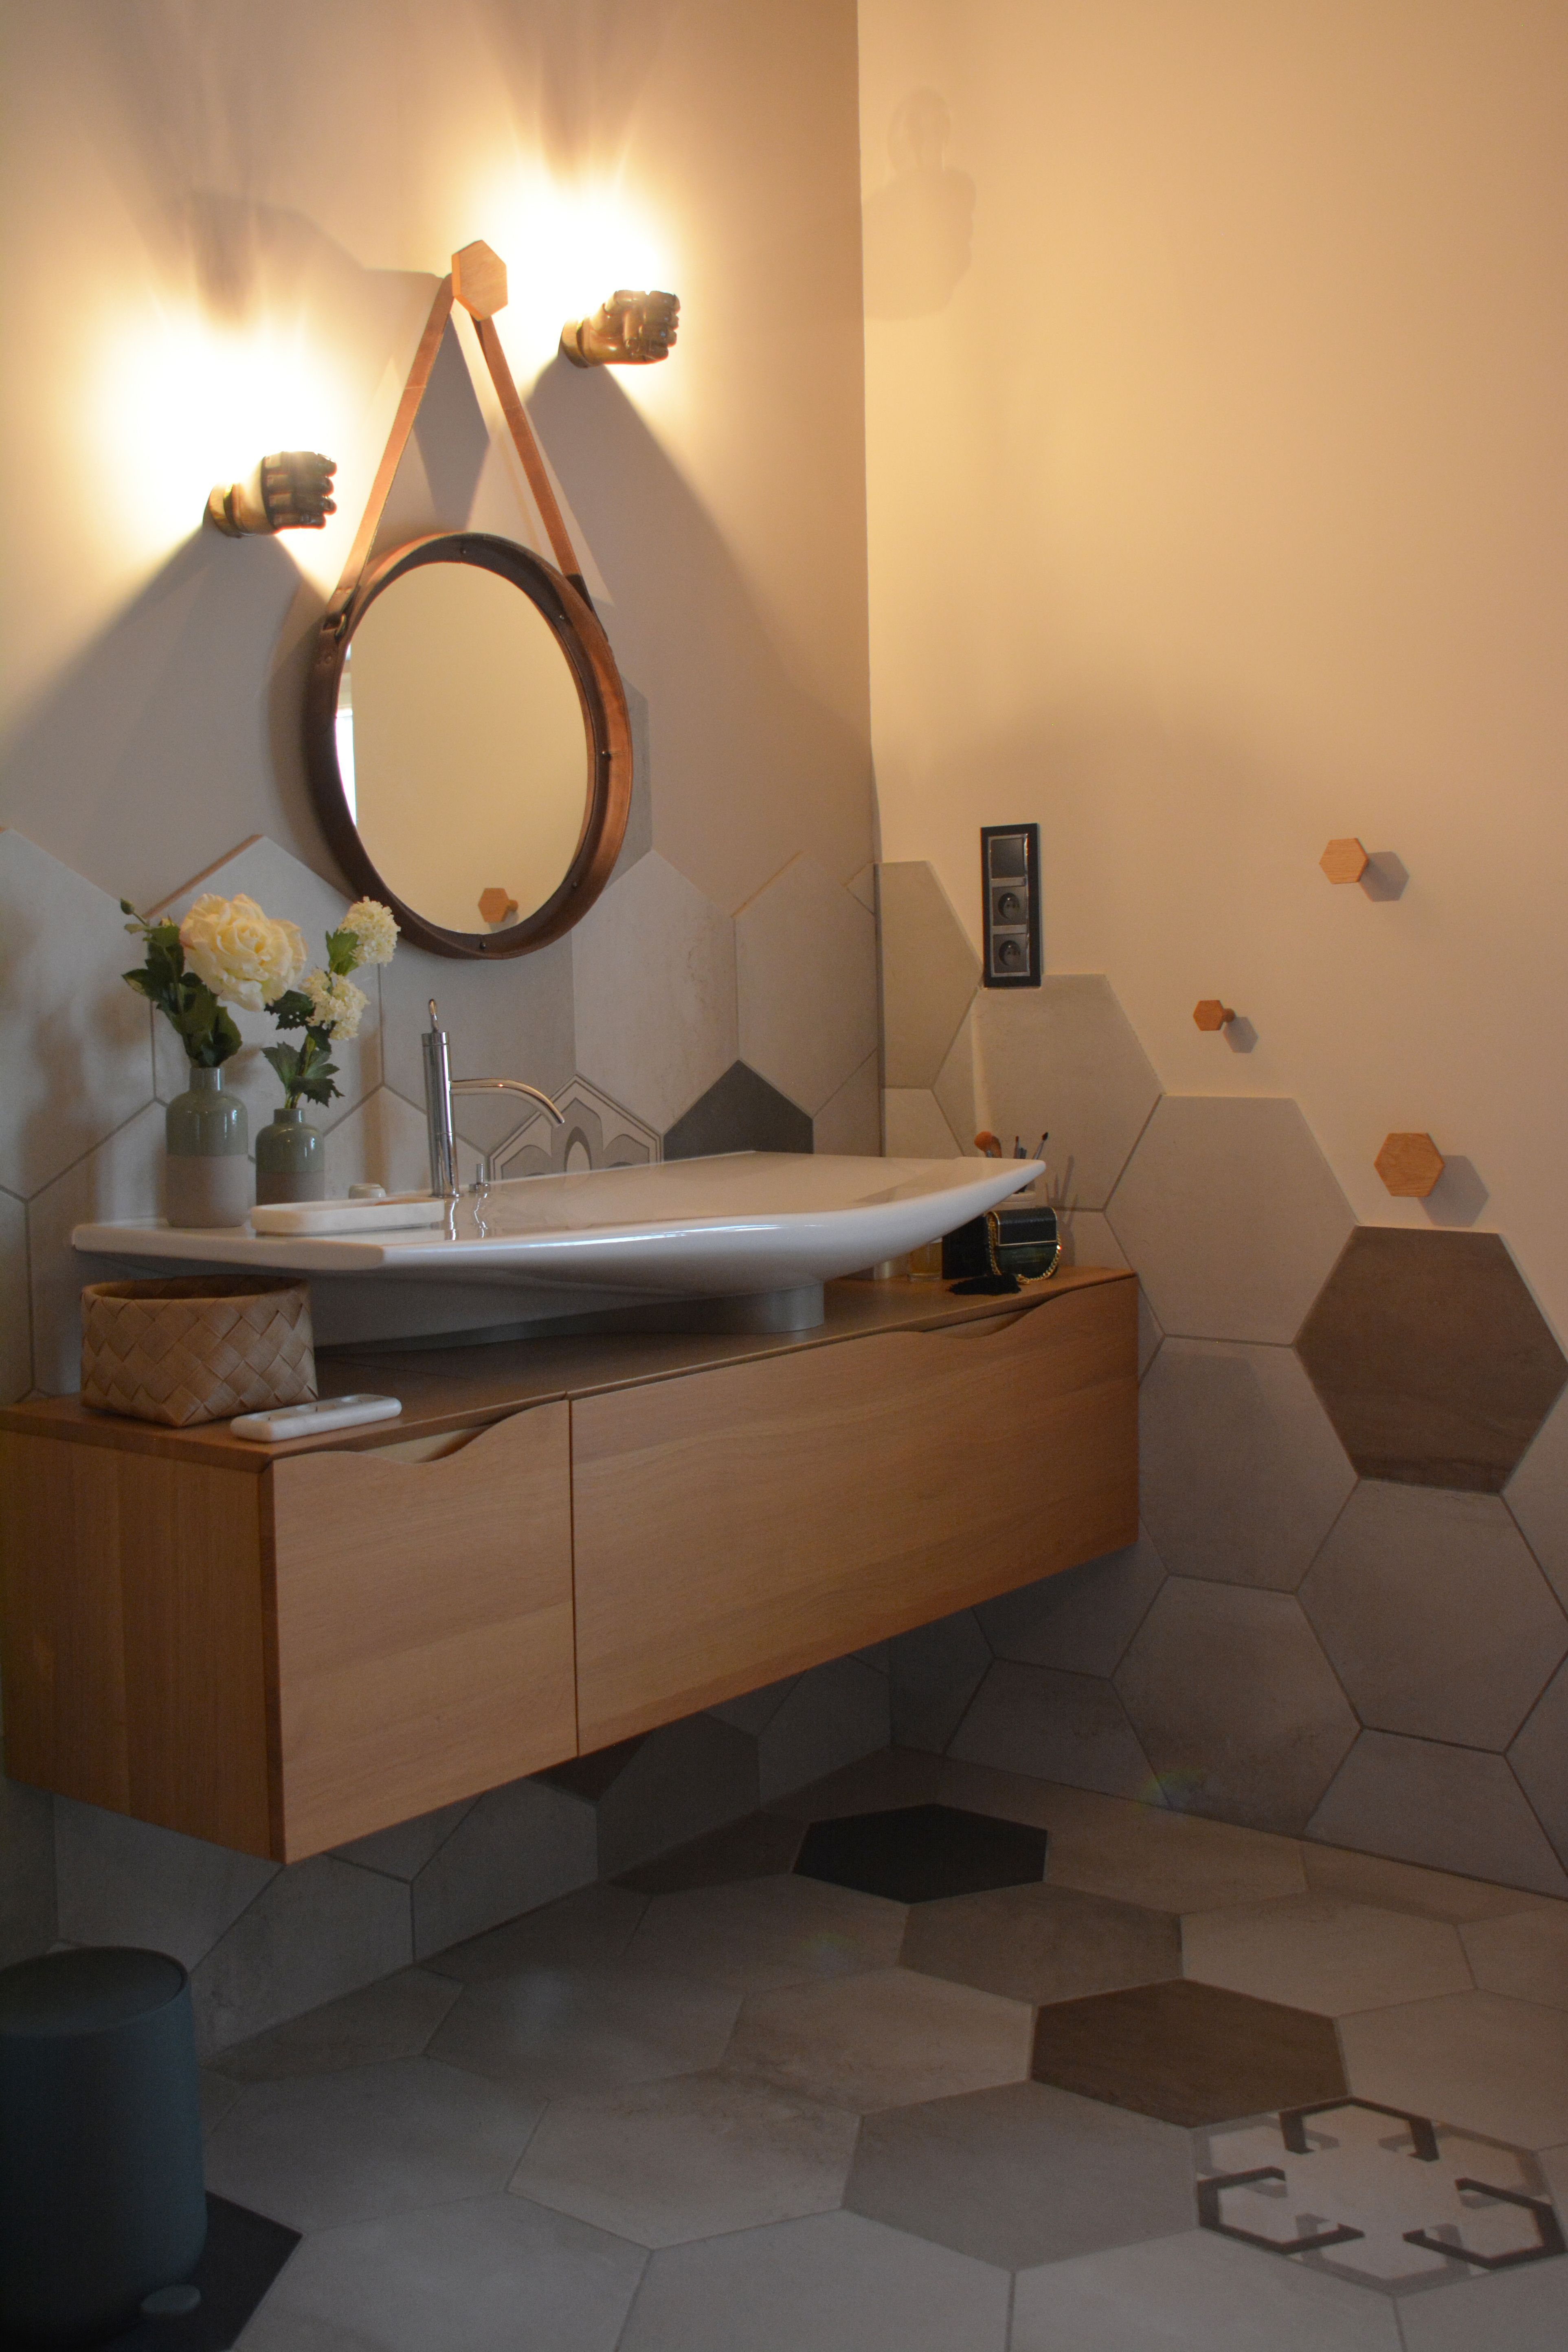 décoration de la salle de bain avec carreaux ciment ...